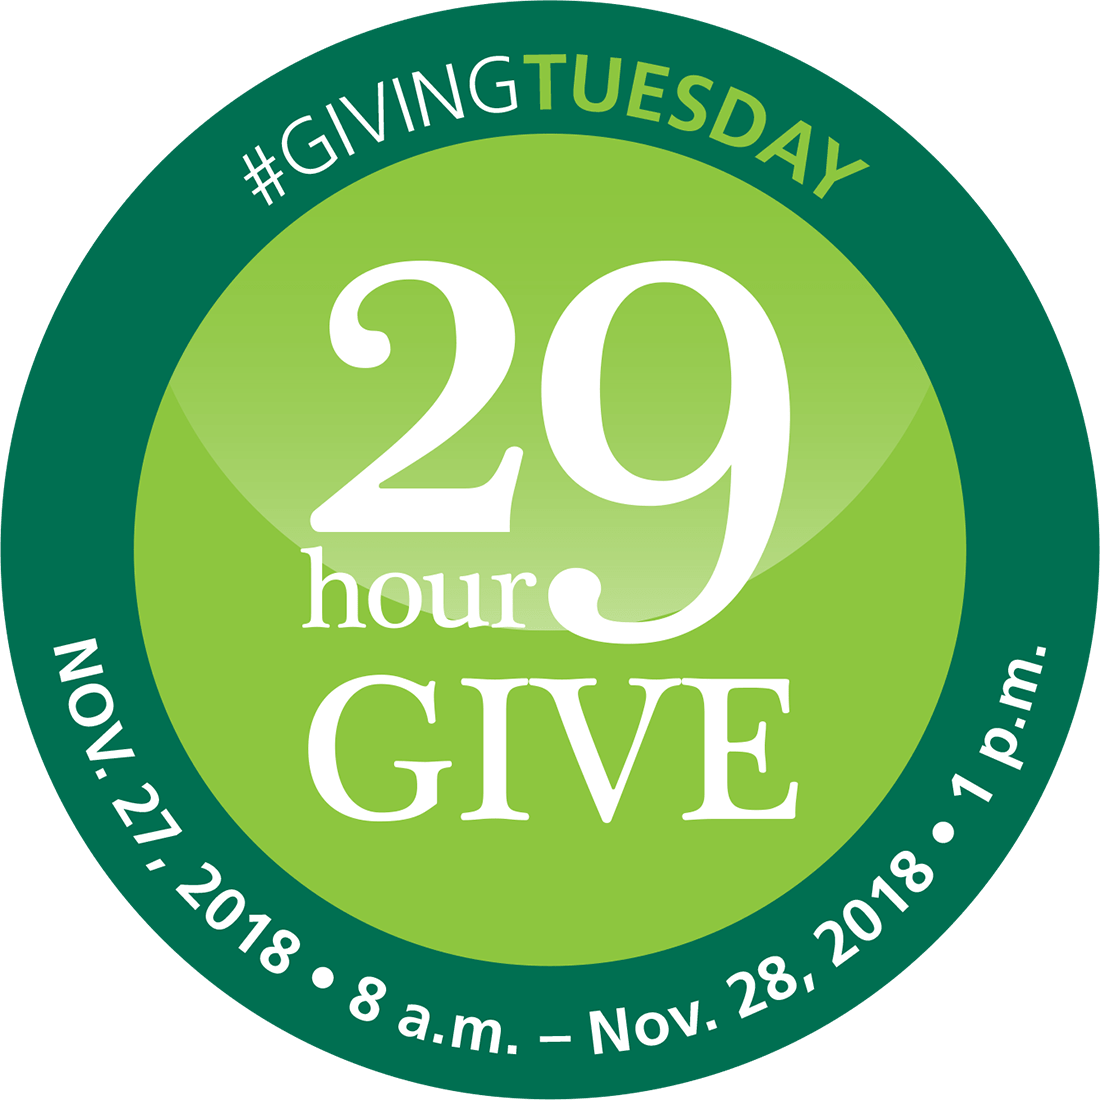 Fairfield County Foudation - 28 Hour Give